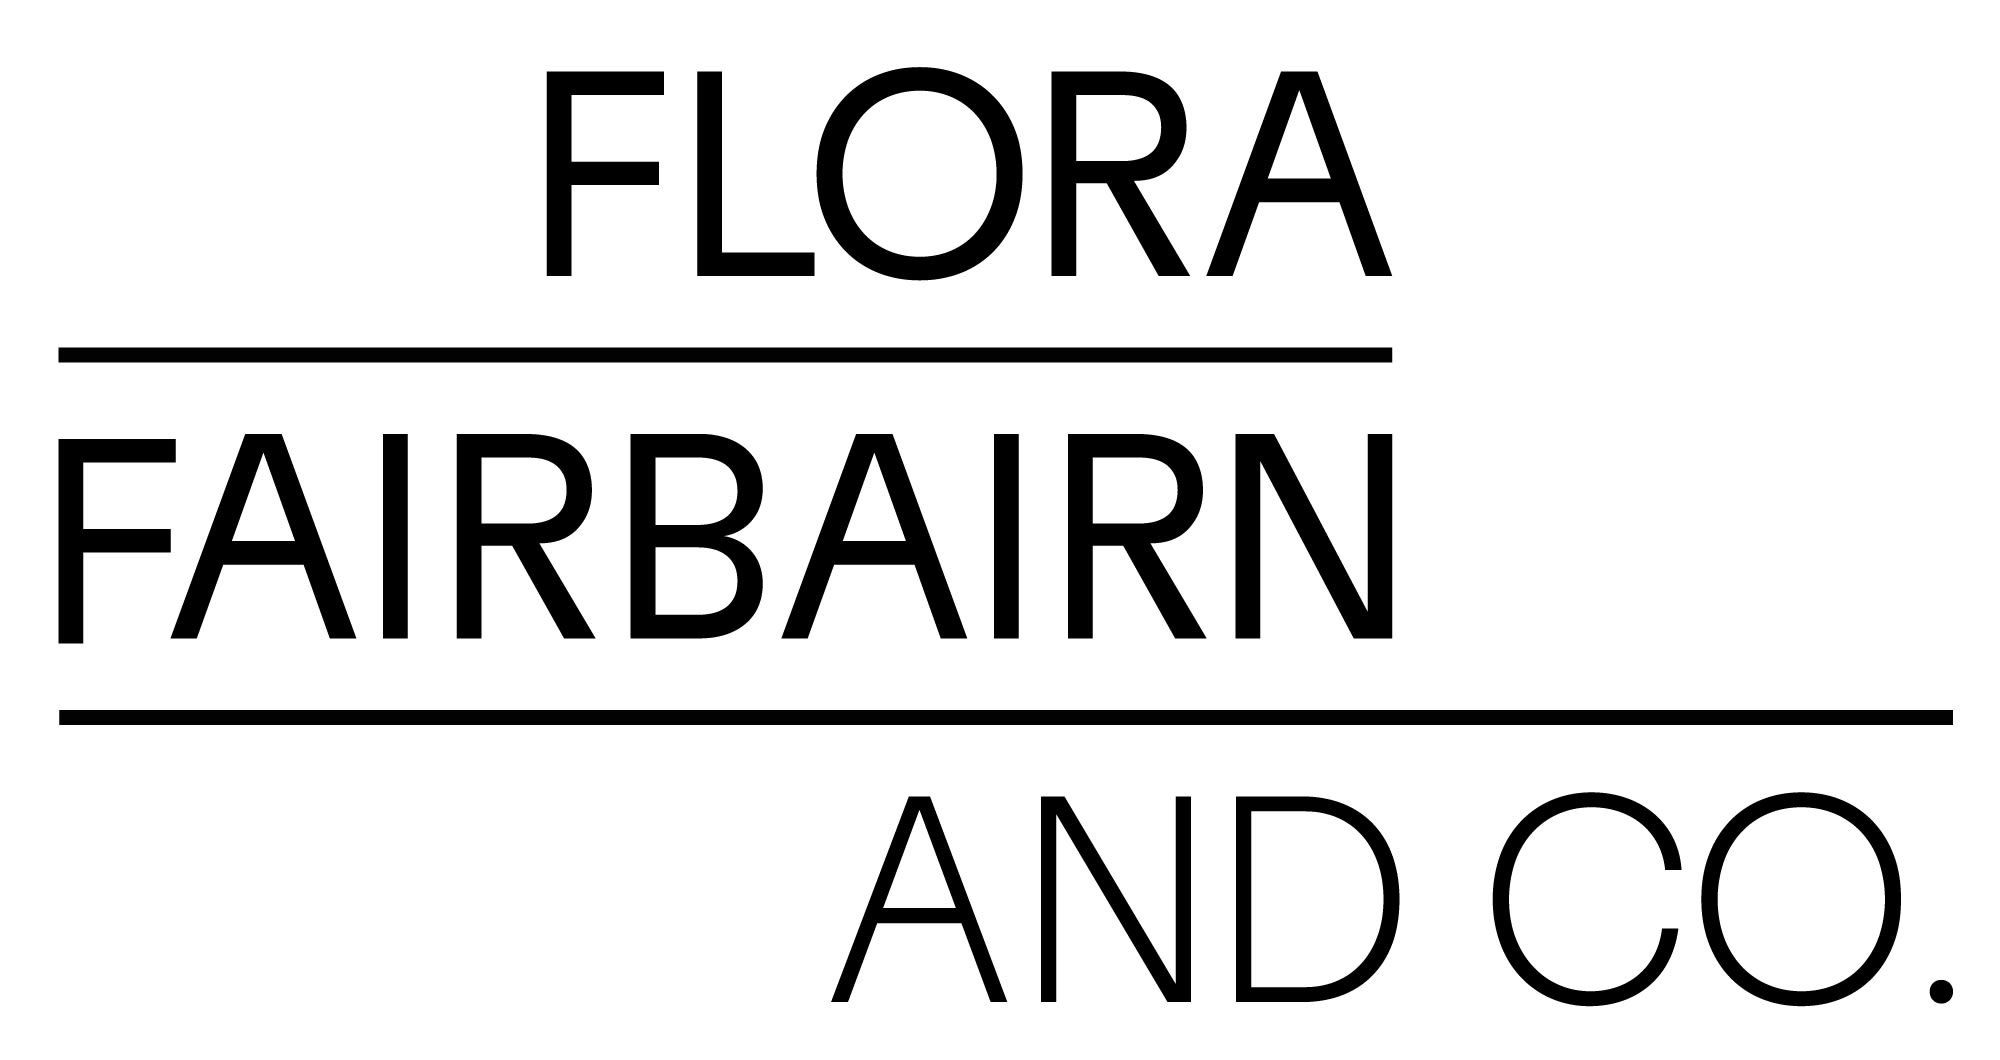 Flora Fairbairn & Co. company logo